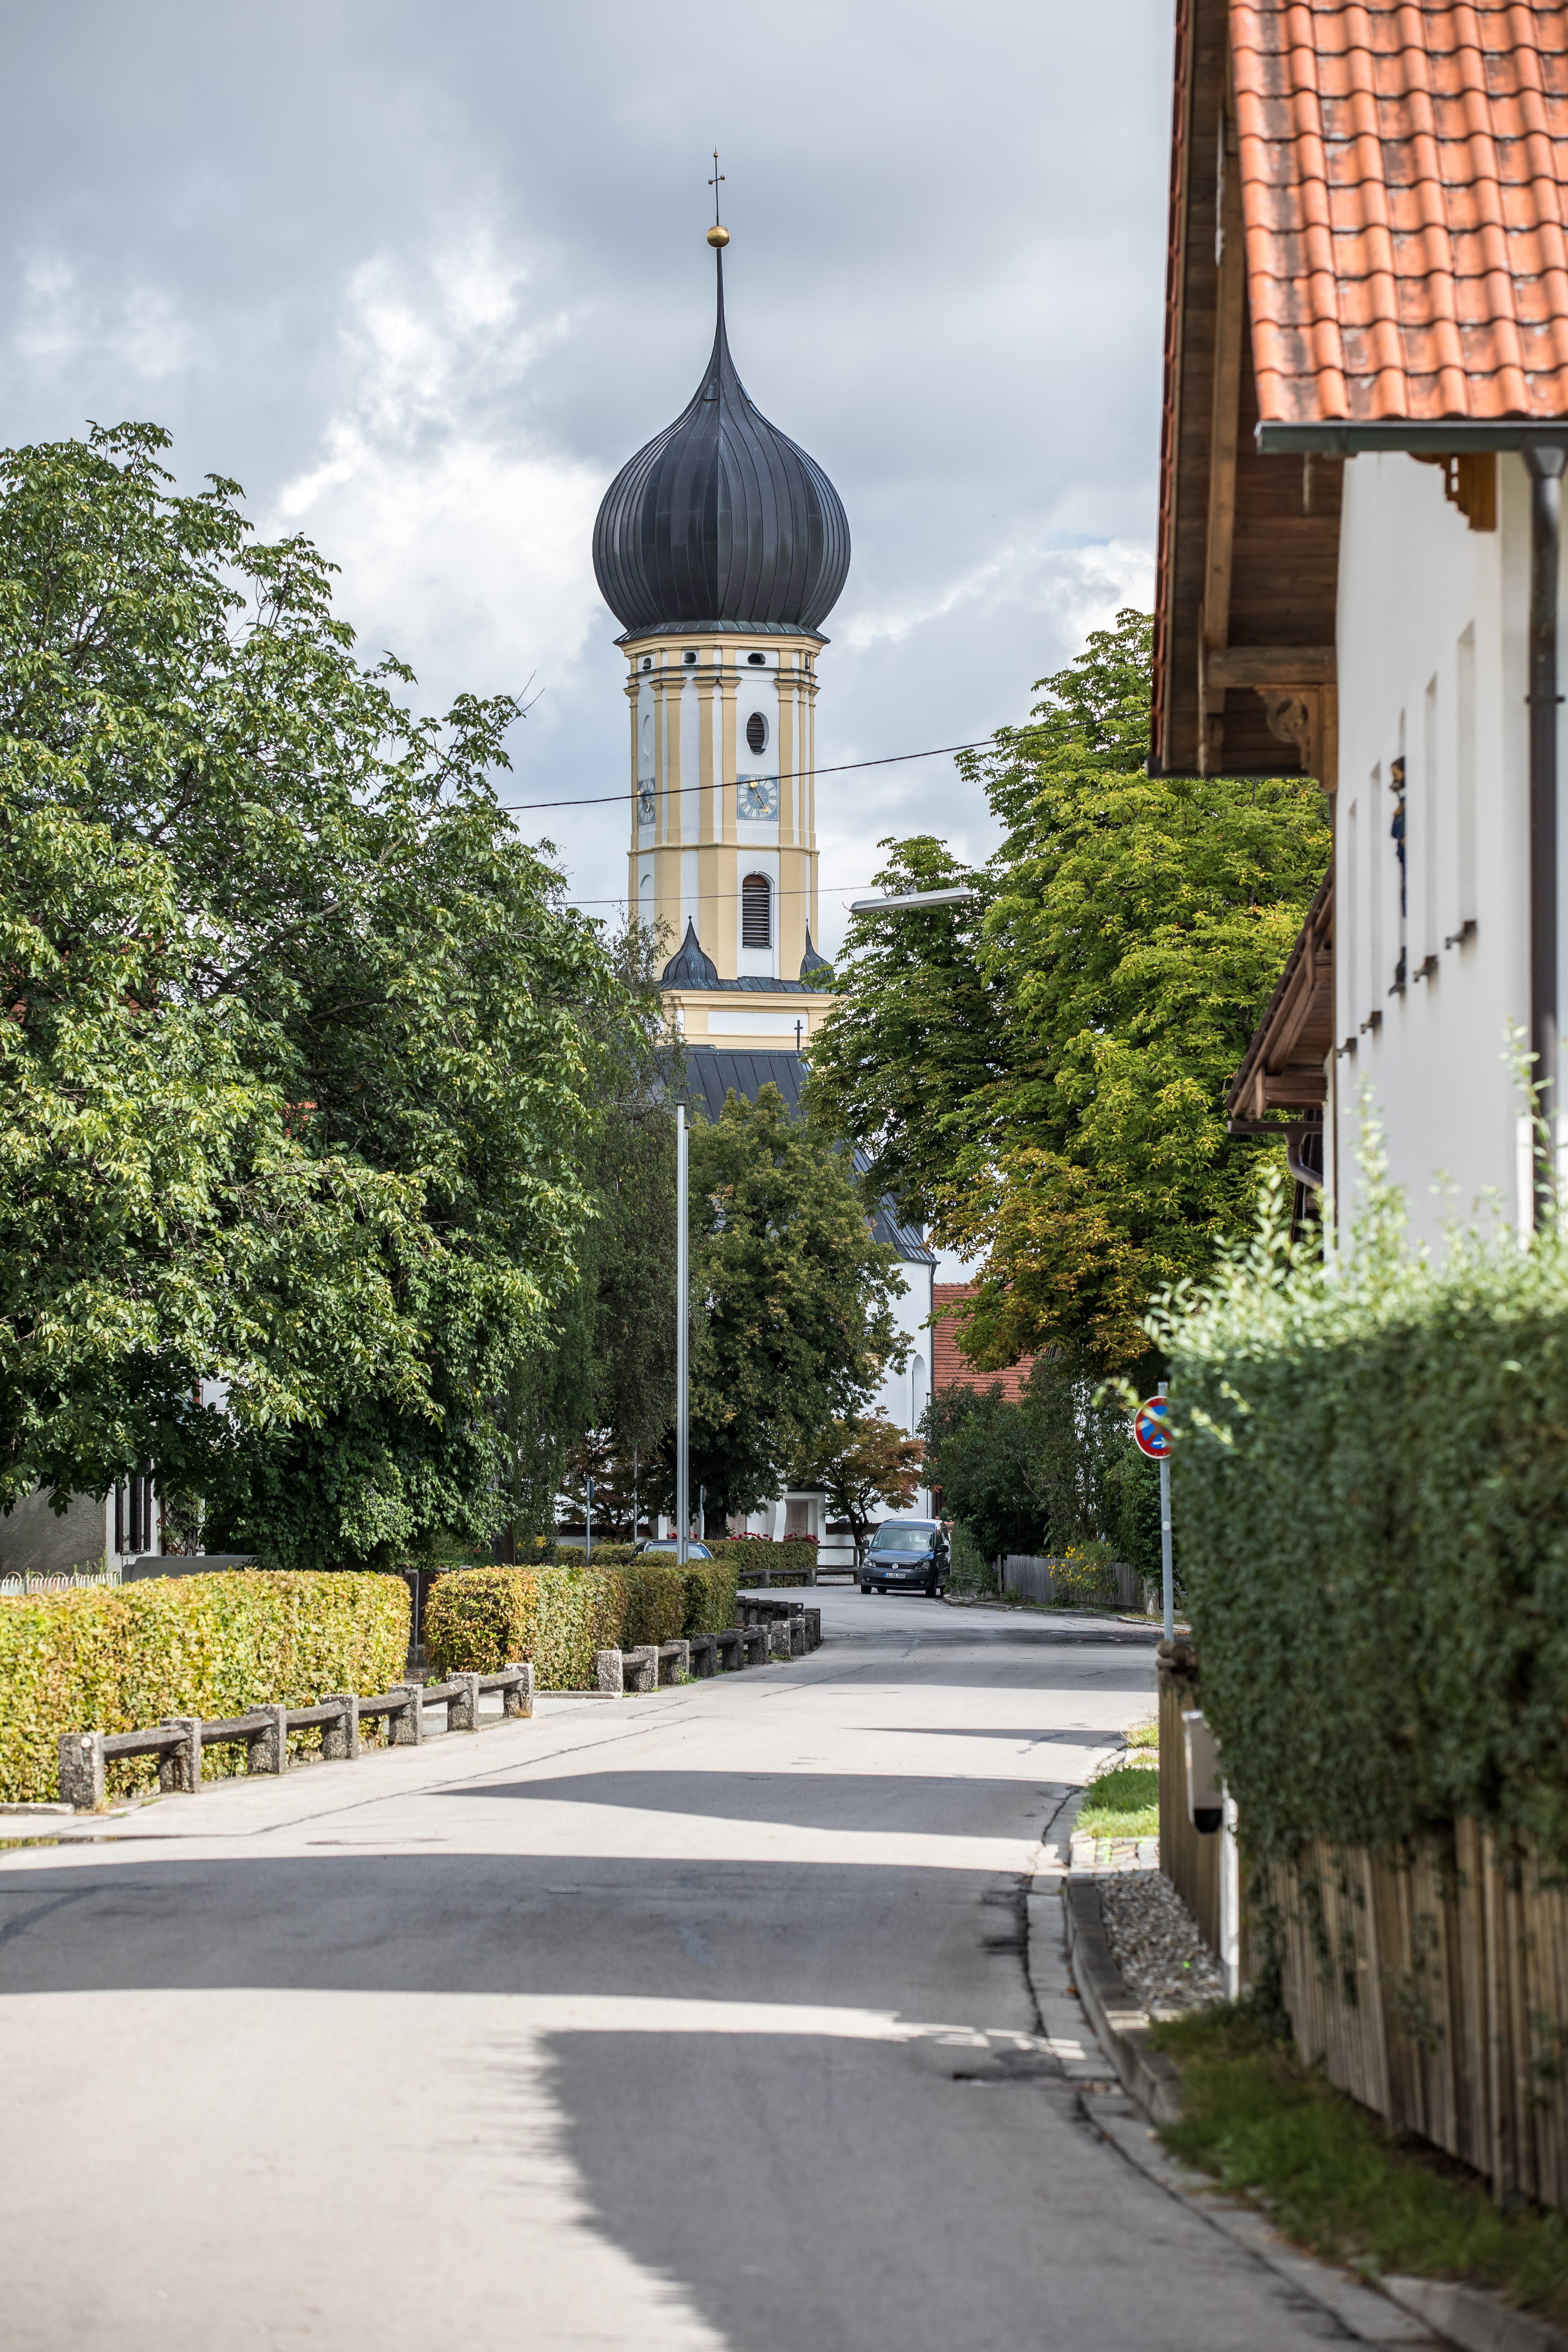 Hauptstraße in Erpfting mit Kirche